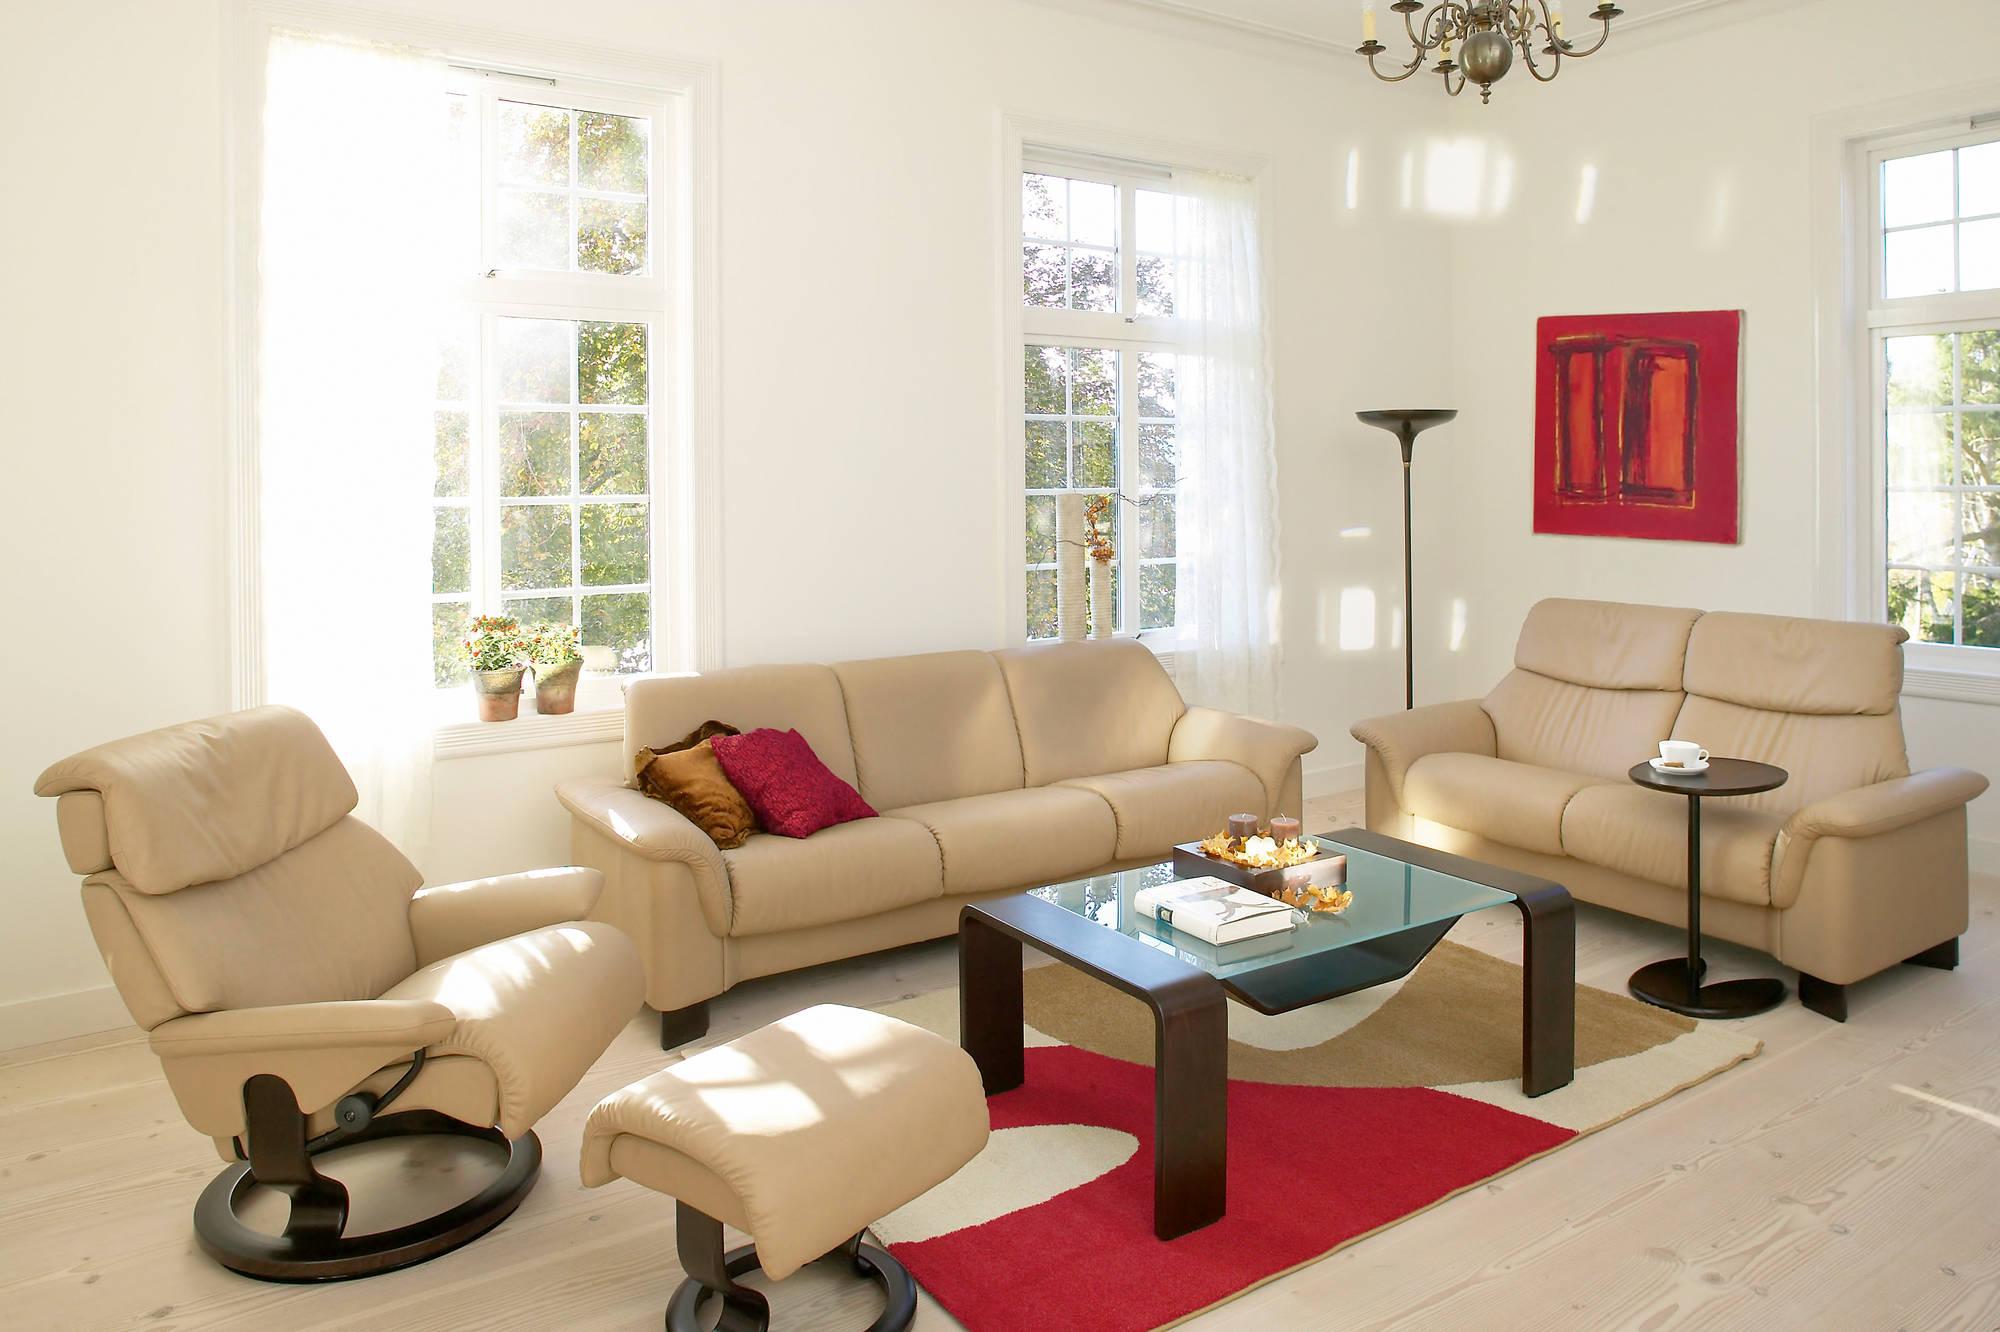 Кресло реклайнер в ансамбле мягкой мебели